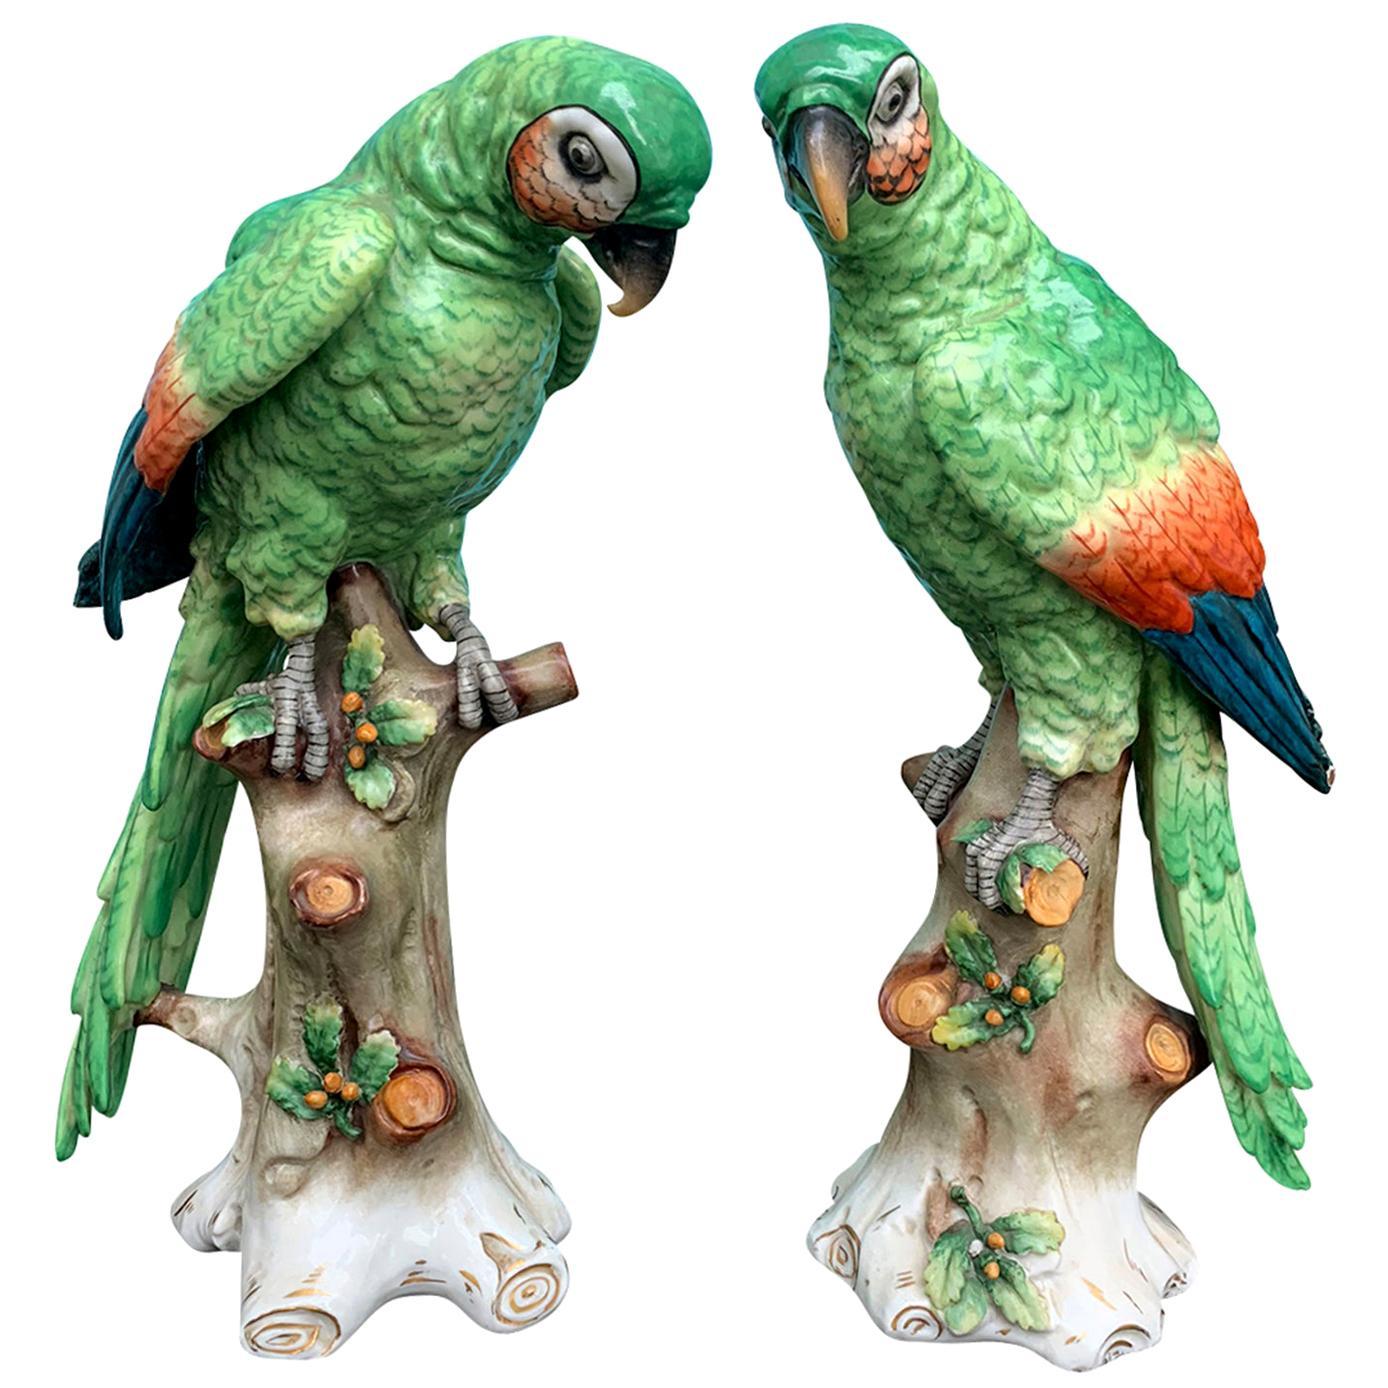 Pair of  Circa 1880s Edme Samson French Glazed Porcelain Parrots on Trunks